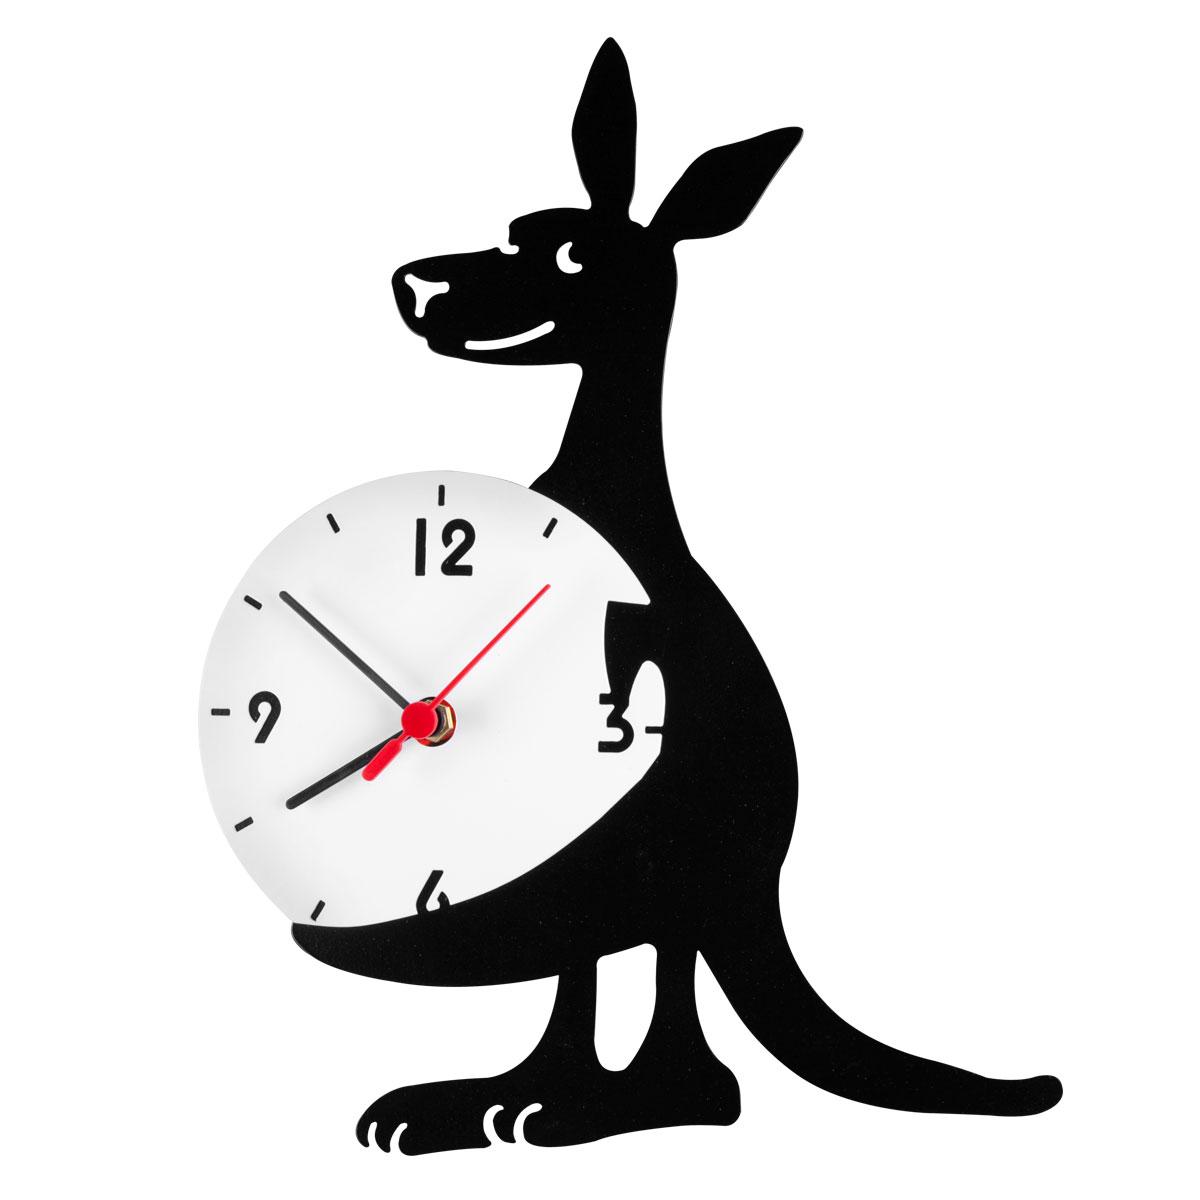 Часы настенные Miolla Кенгуру2706 (ПО)Оригинальные настенные часы круглой формы выполнены из стали. Часы имеют три стрелки - часовую, минутную и секундную и циферблат с цифрами. Необычное дизайнерское решение и качество исполнения придутся по вкусу каждому.Часы работают от 1 батарейки типа АА напряжением 1,5 В.